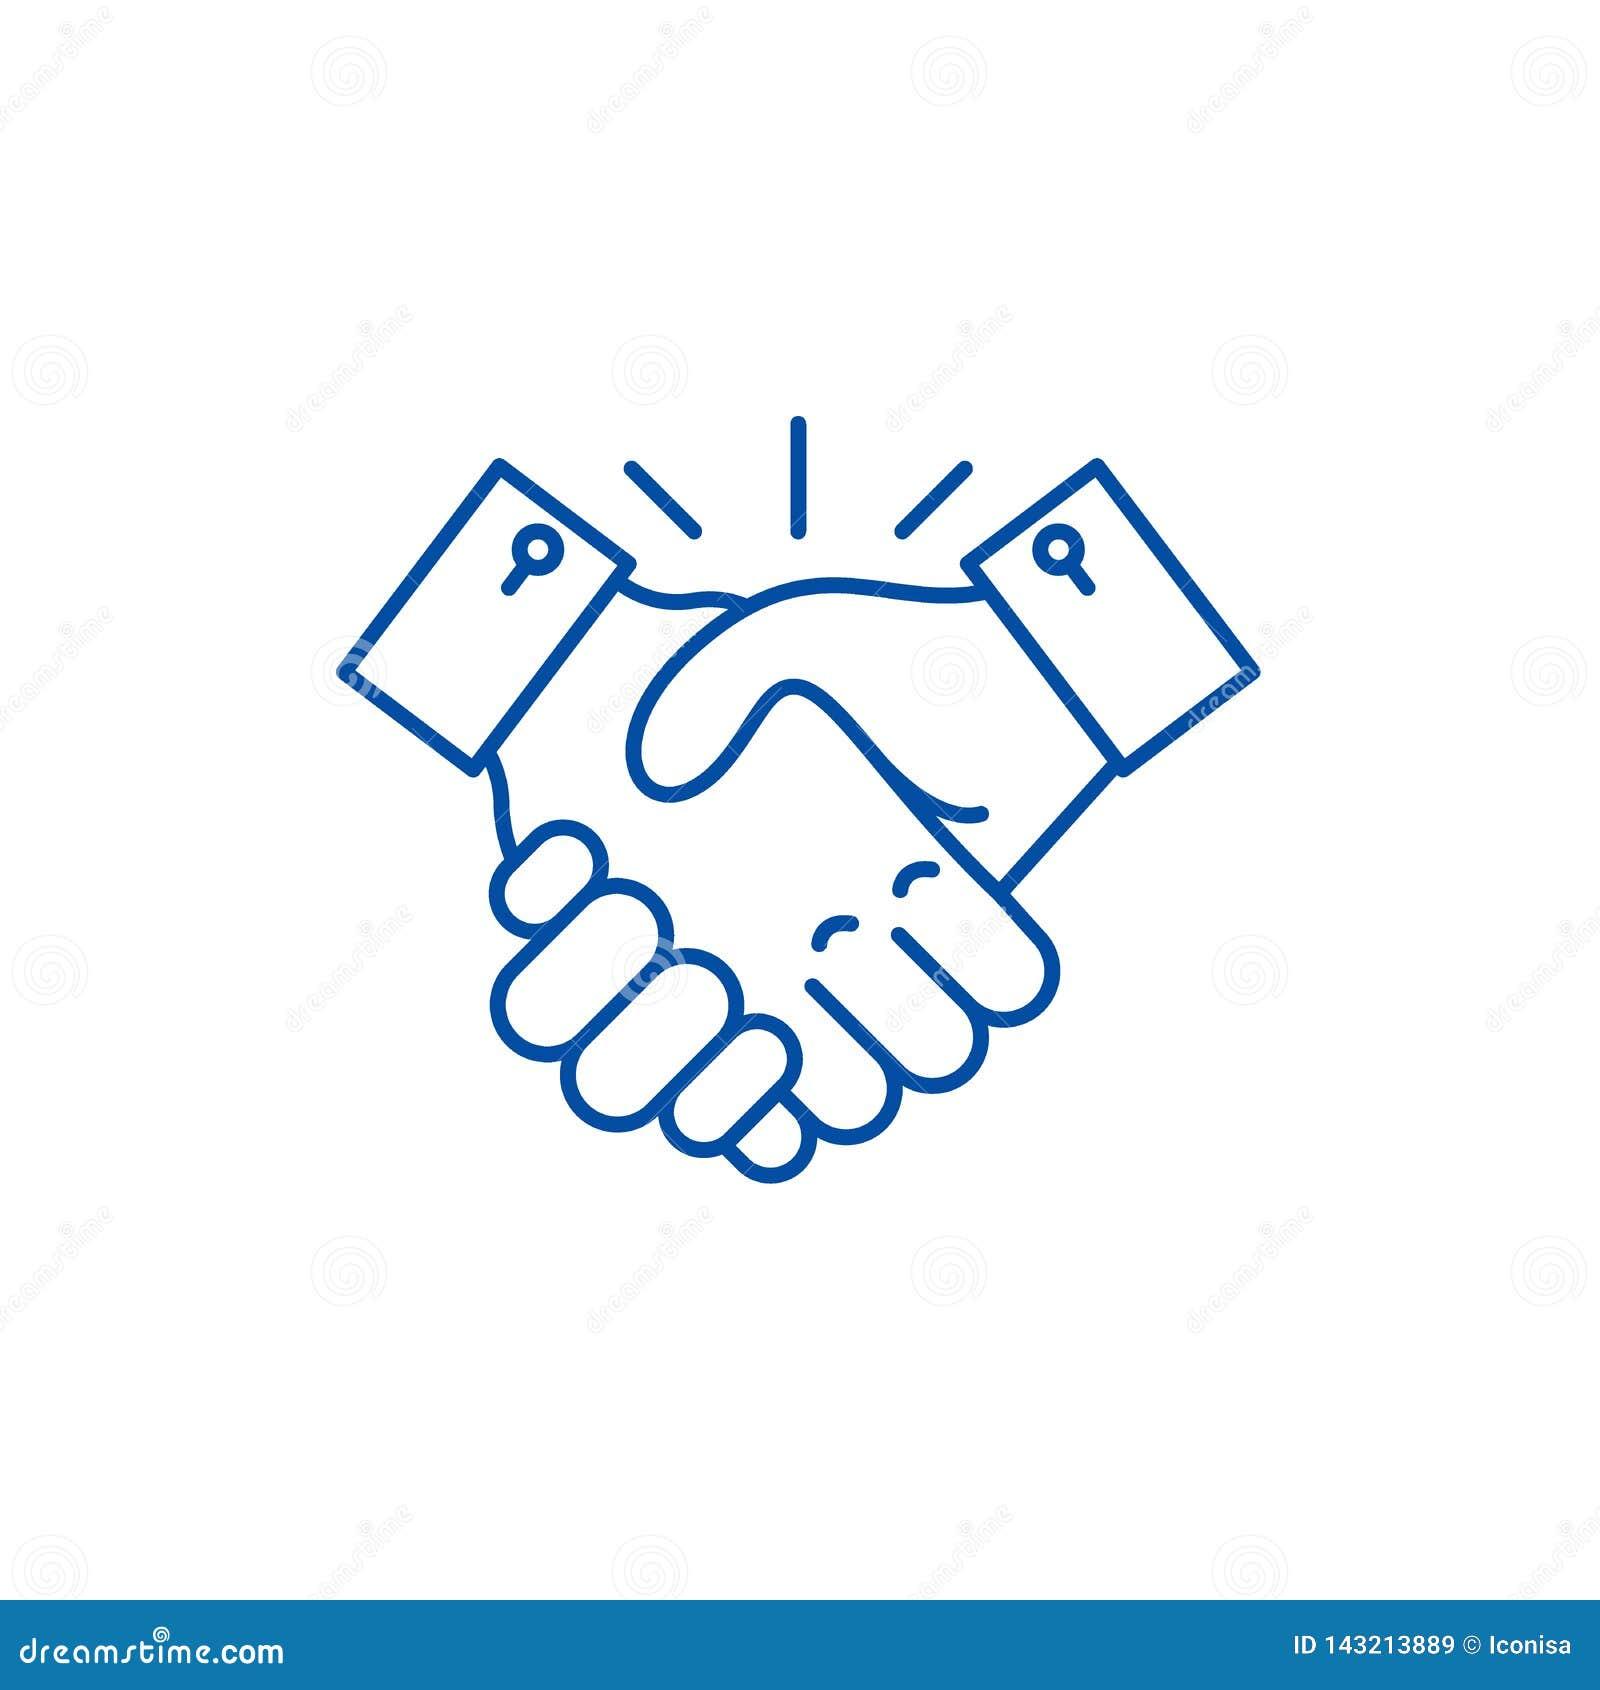 Samarbetslinje symbolsbegrepp Plant vektorsymbol för samarbete, tecken, översiktsillustration